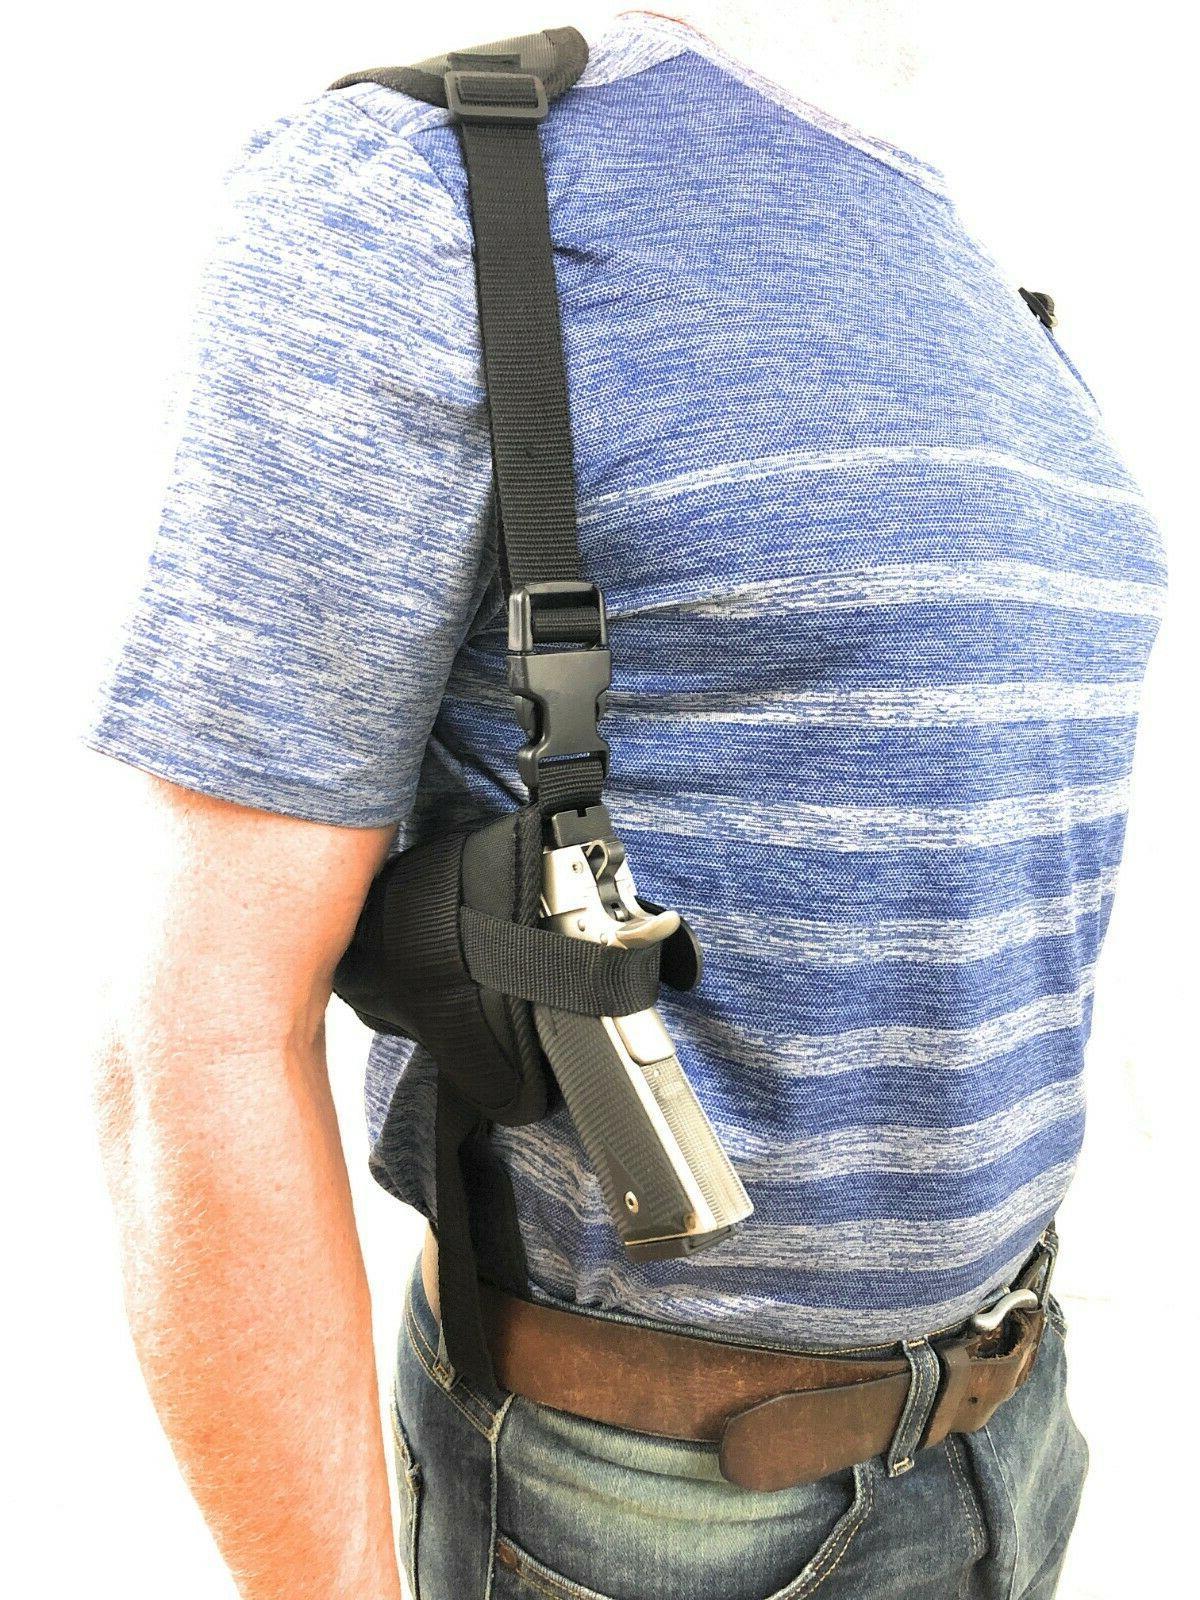 gun shoulder holster rig fits smith